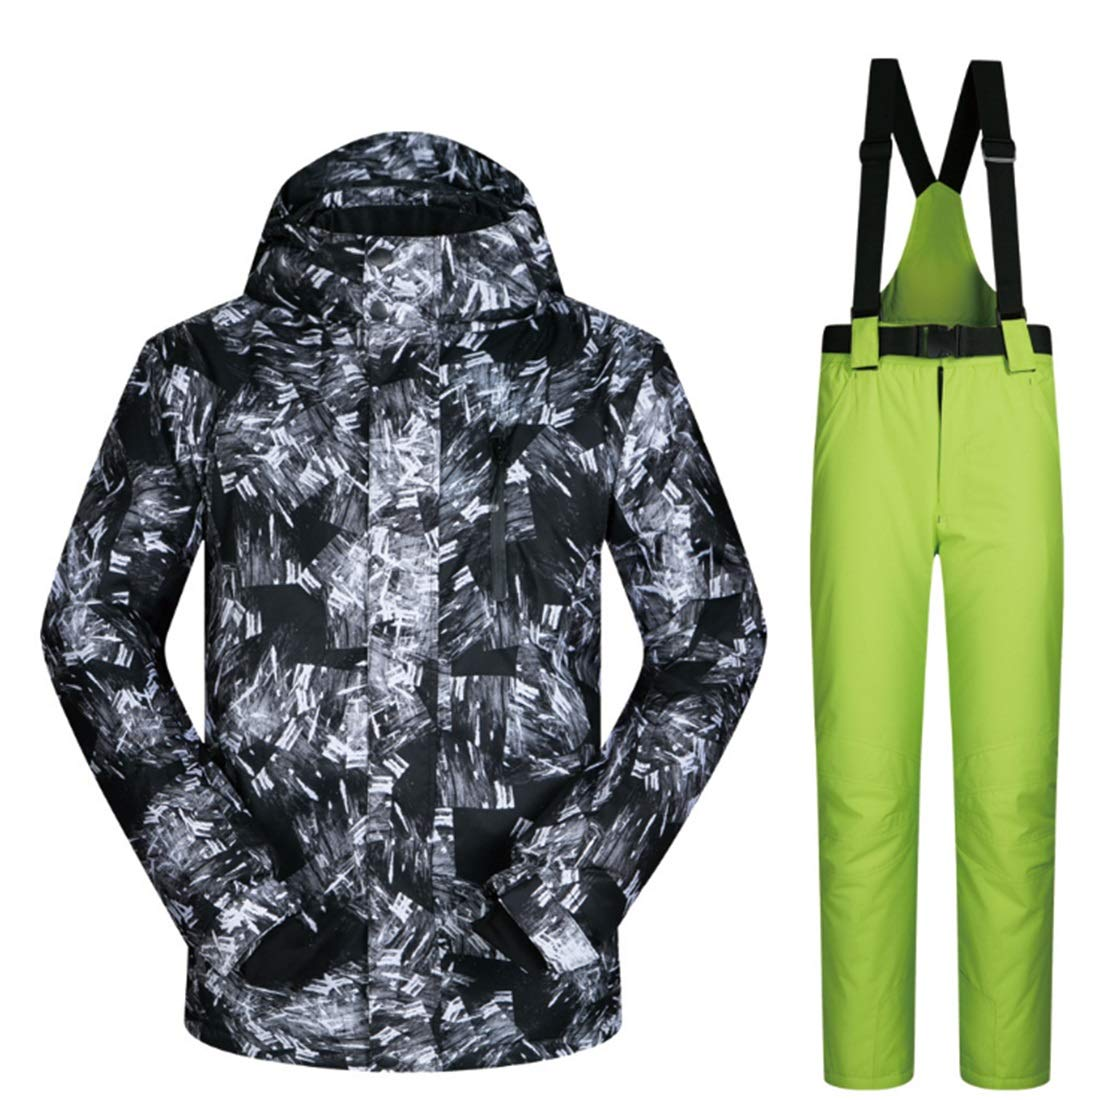 Anglayif Outdoor Escursionismo Neve Sport Sport Sport Sci Giacca e Pantaloni Snow Suit (Coloree   02, Dimensione   L)B07MK1GLGMM 03 | riduzione del prezzo  | I Consumatori In Primo Luogo  | Nuovo mercato  | Alta qualità ed economia  | La prima serie di specifiche 3c9df1